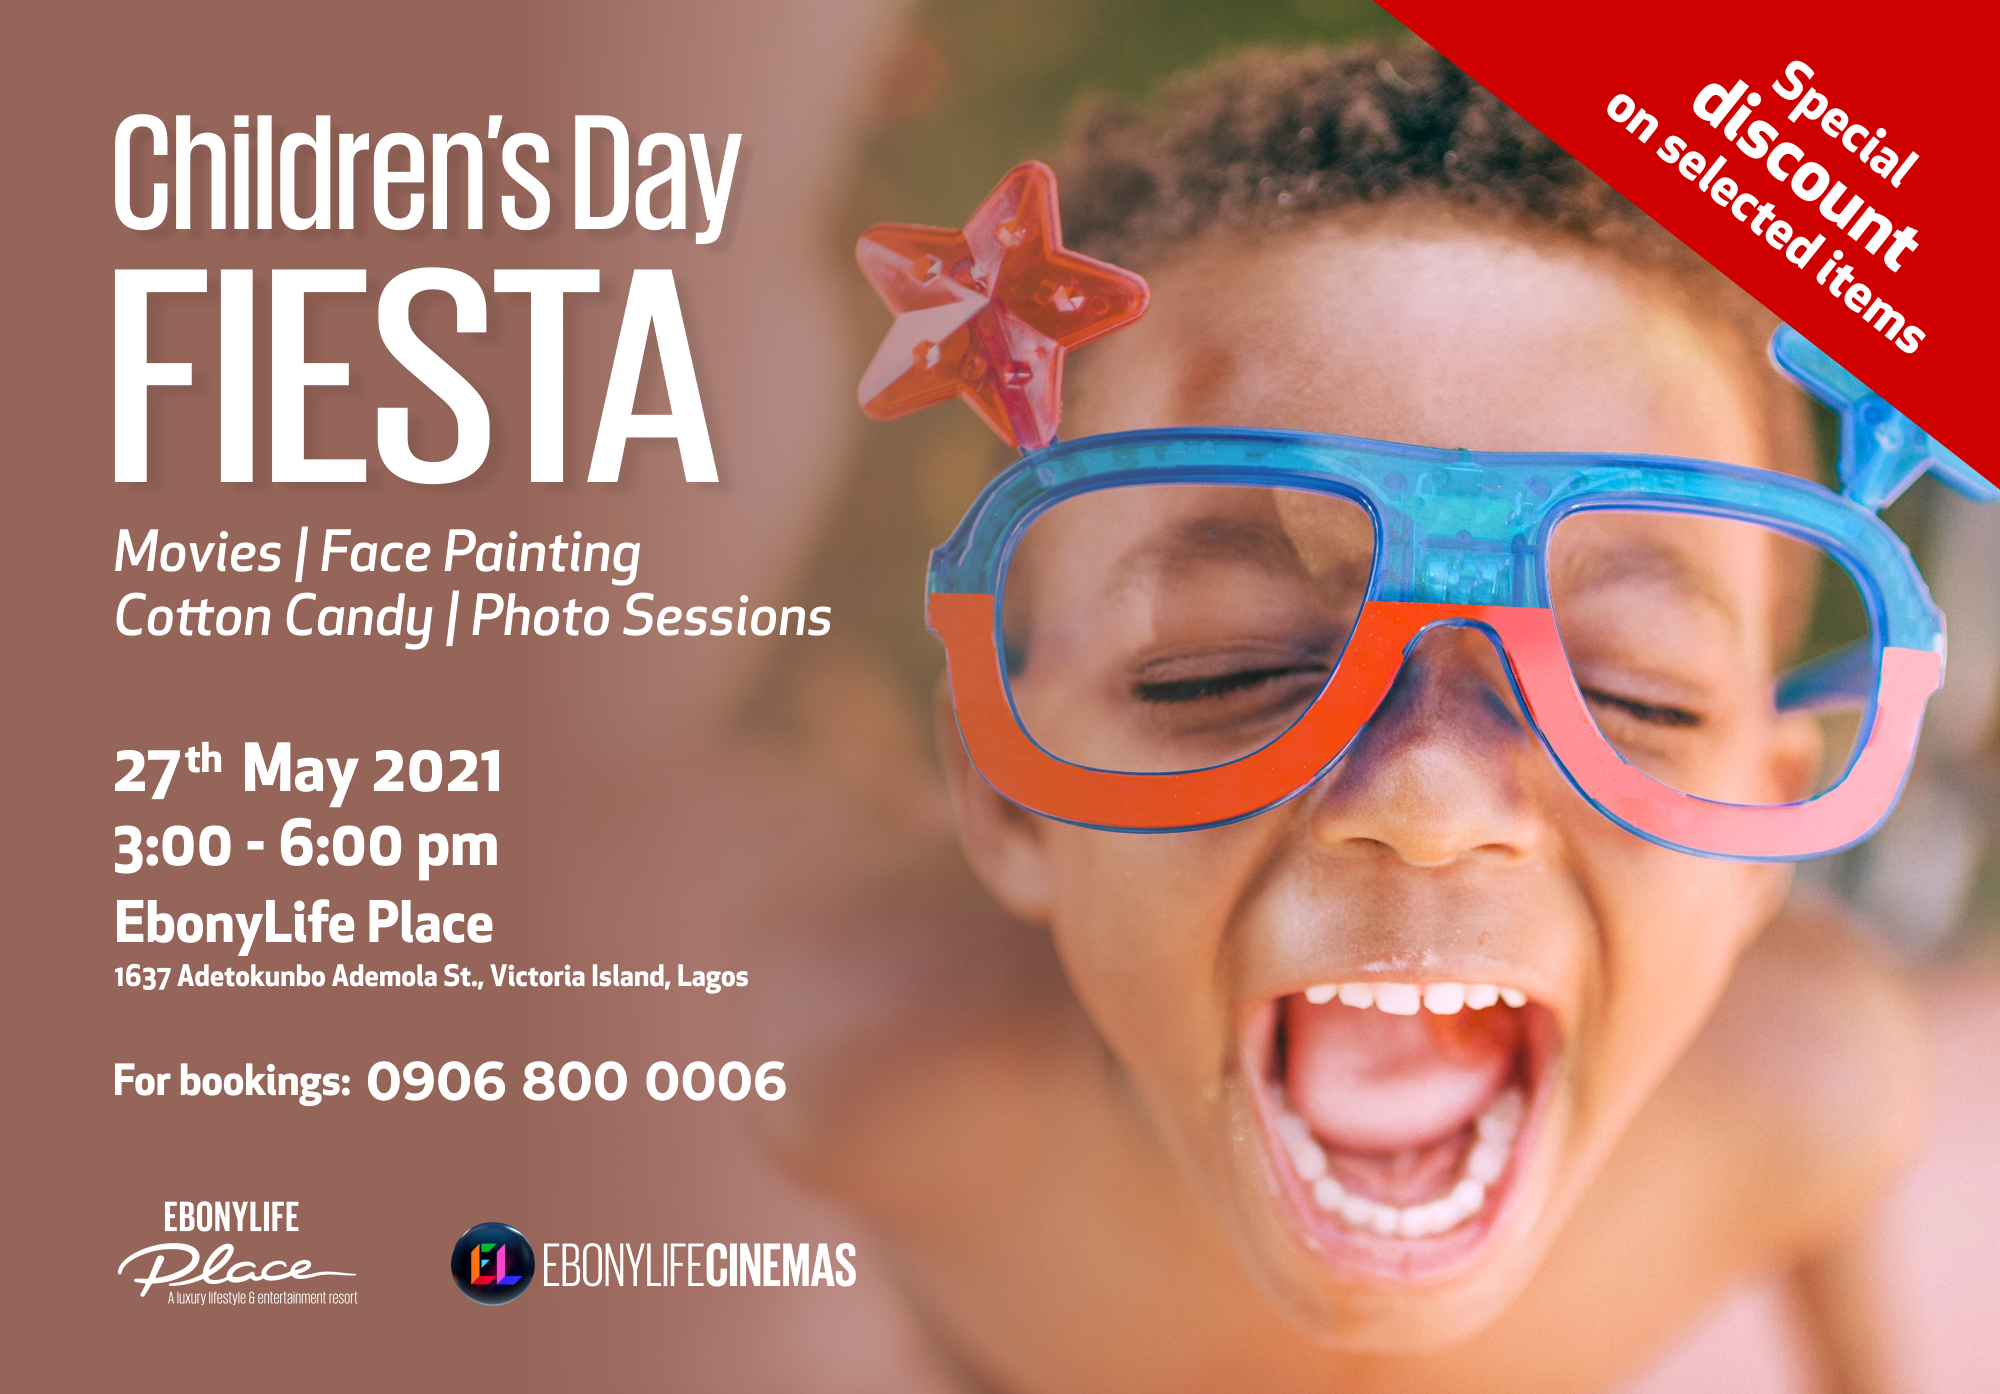 Children's Day Fiesta